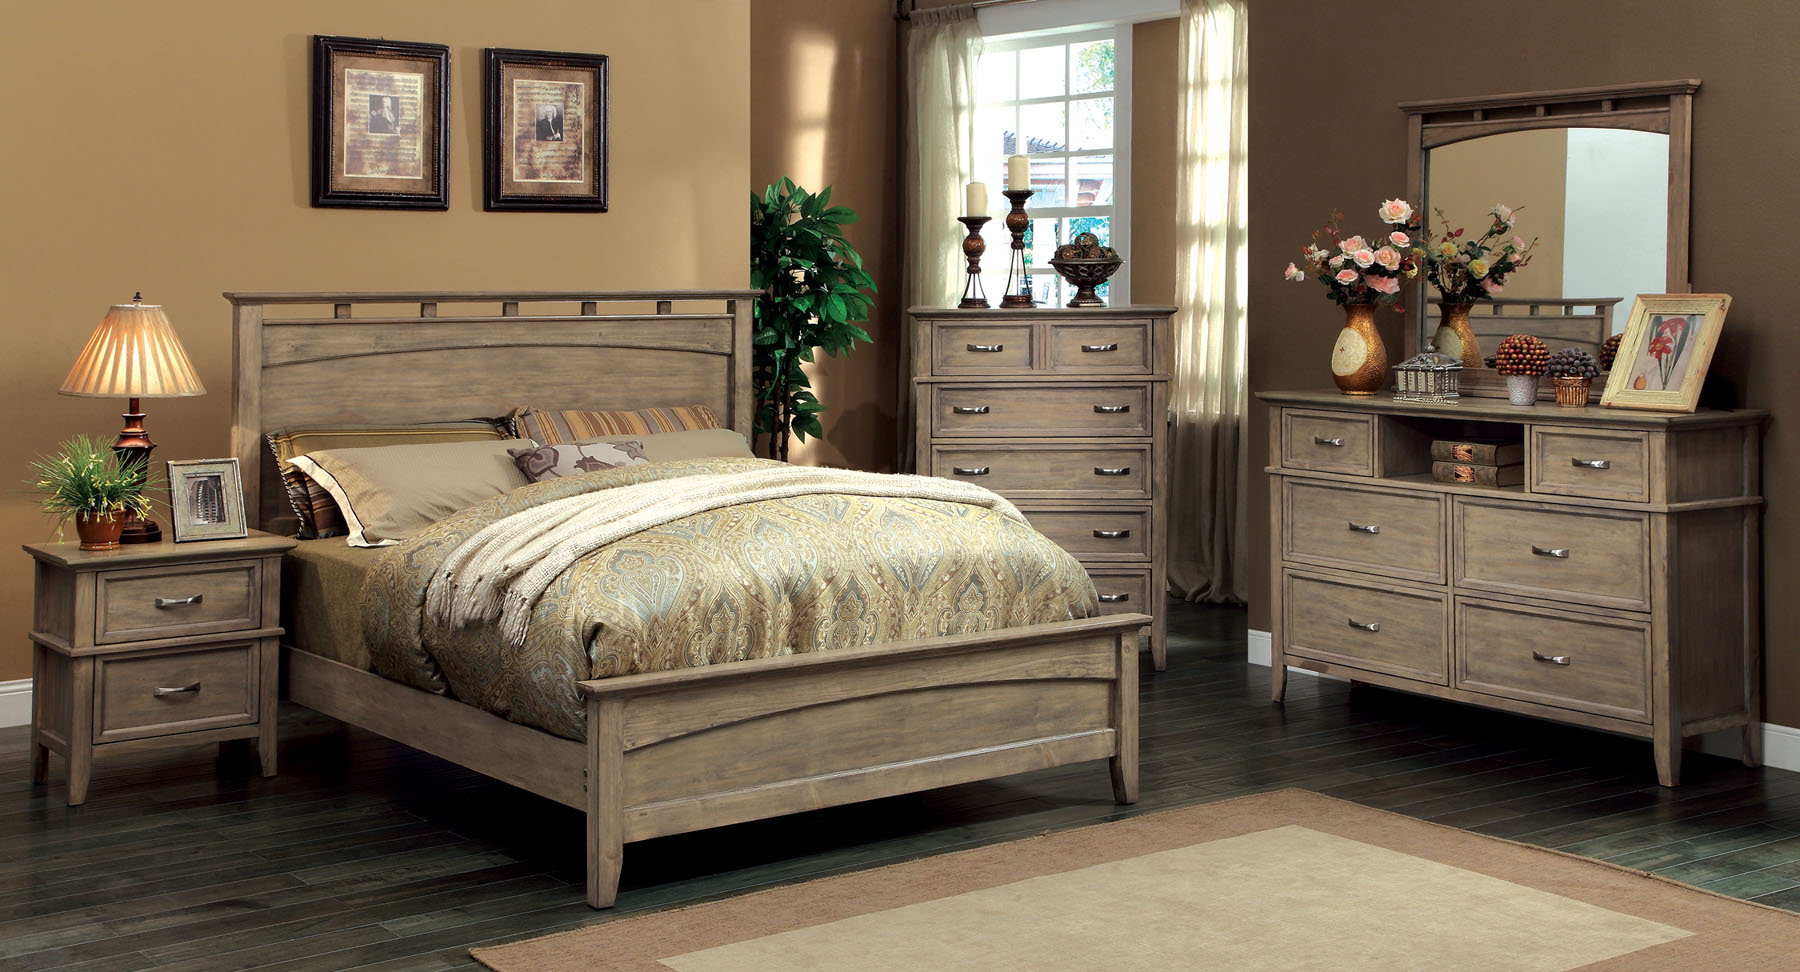 FOA Queen Beds